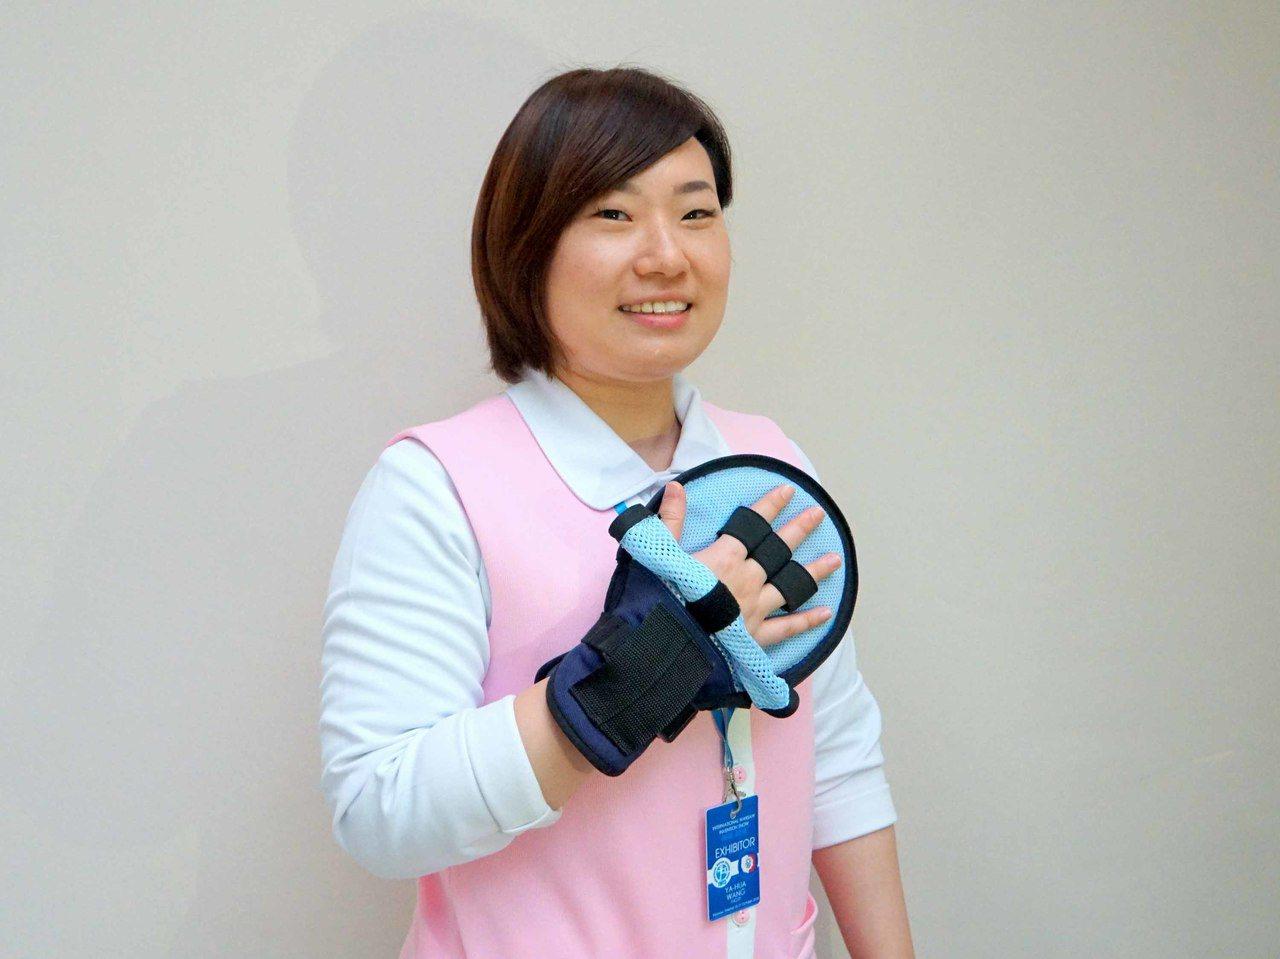 三軍總醫院護理師潘玉玲、廖加怡設計的「拆卸型二合一保護手套」,在波蘭華沙國際發明...